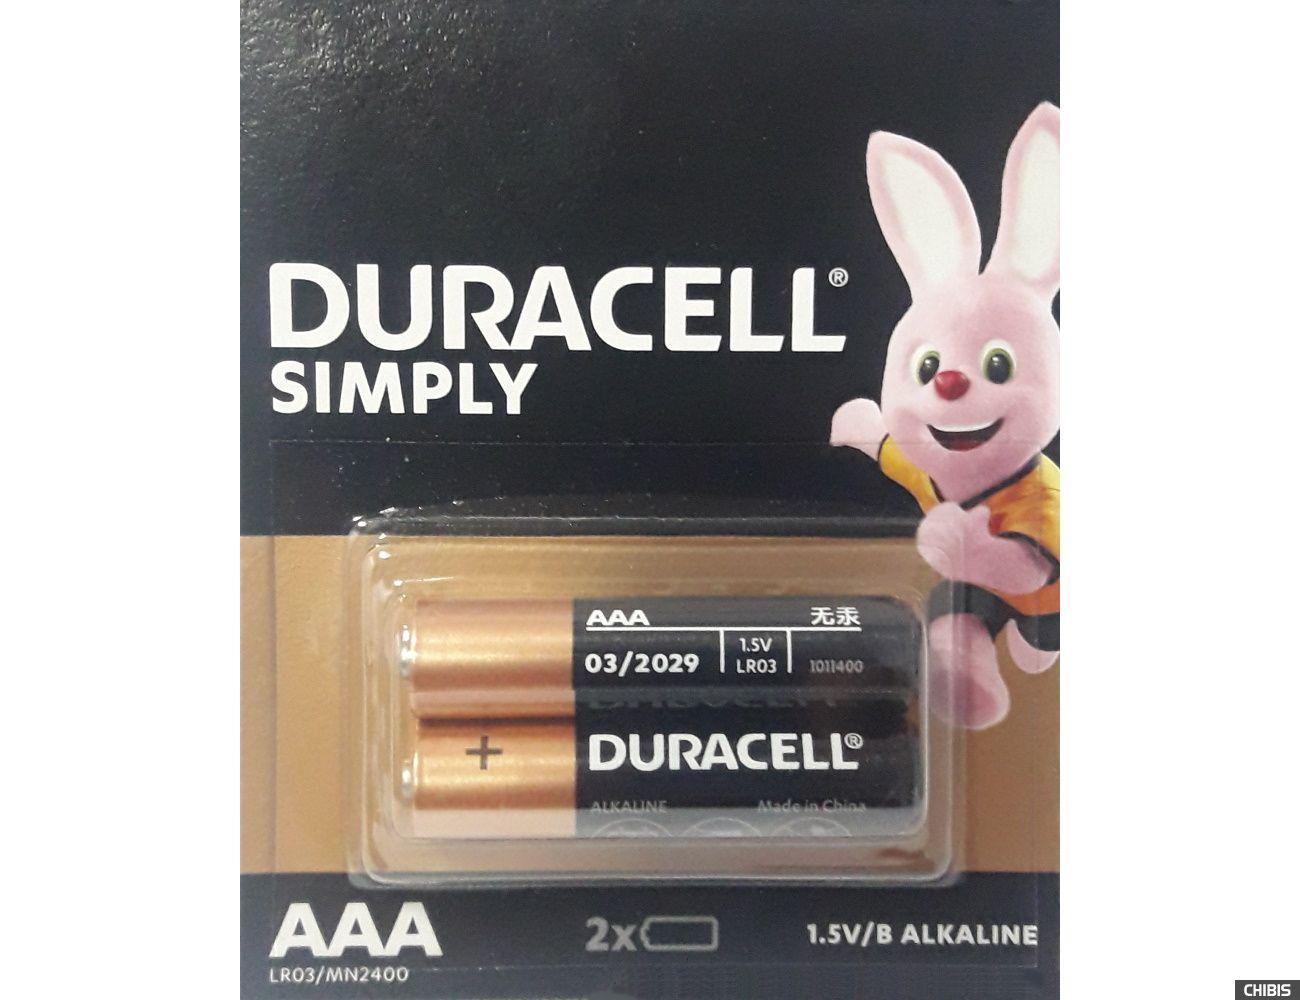 Батарейка AAA Duracell Basic LR03 1.5V Alkaline 2 шт. отрывная упаковка